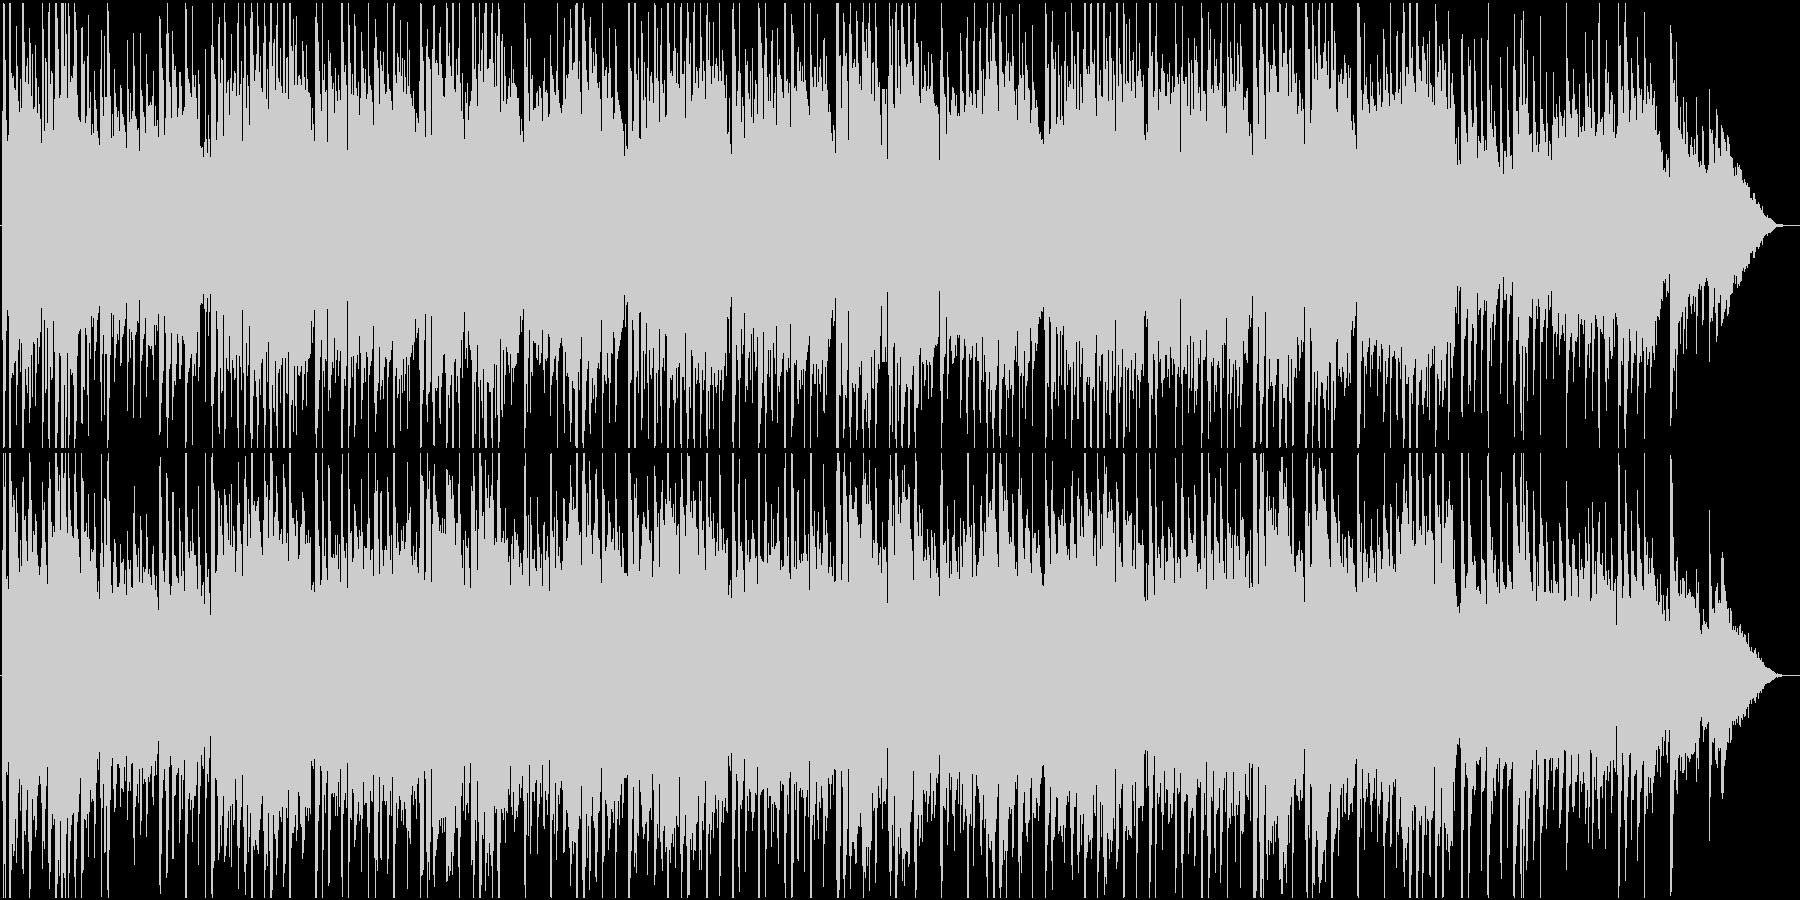 童謡「ひなまつり」の和楽器のバンド演奏の未再生の波形